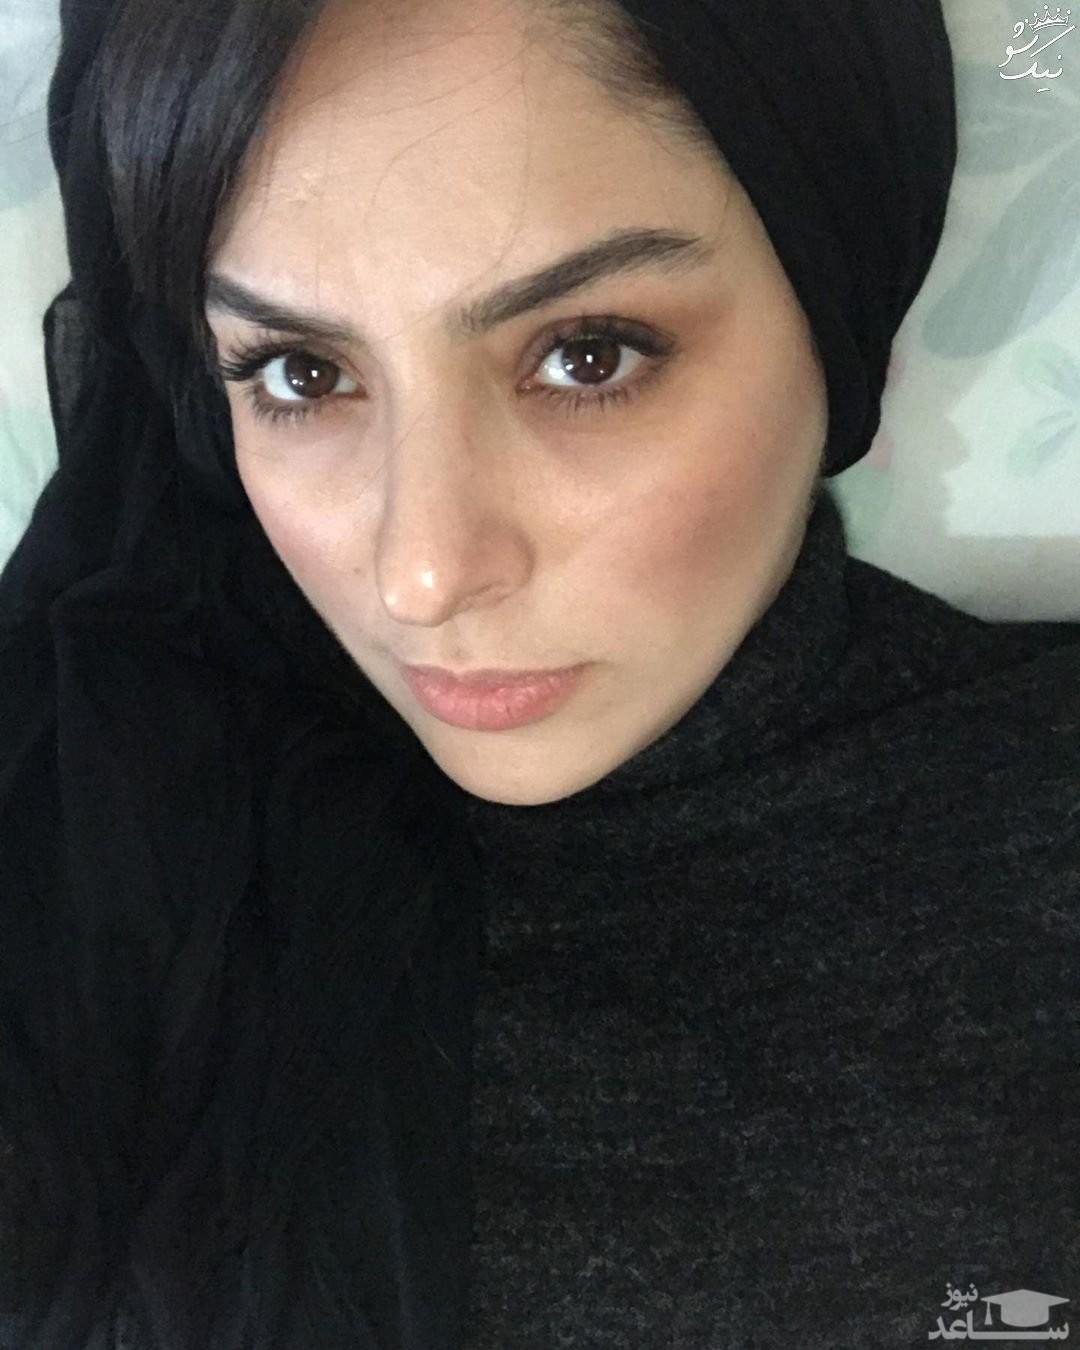 مارال بنی آدم بازیگر سریال همگناه و همسرش